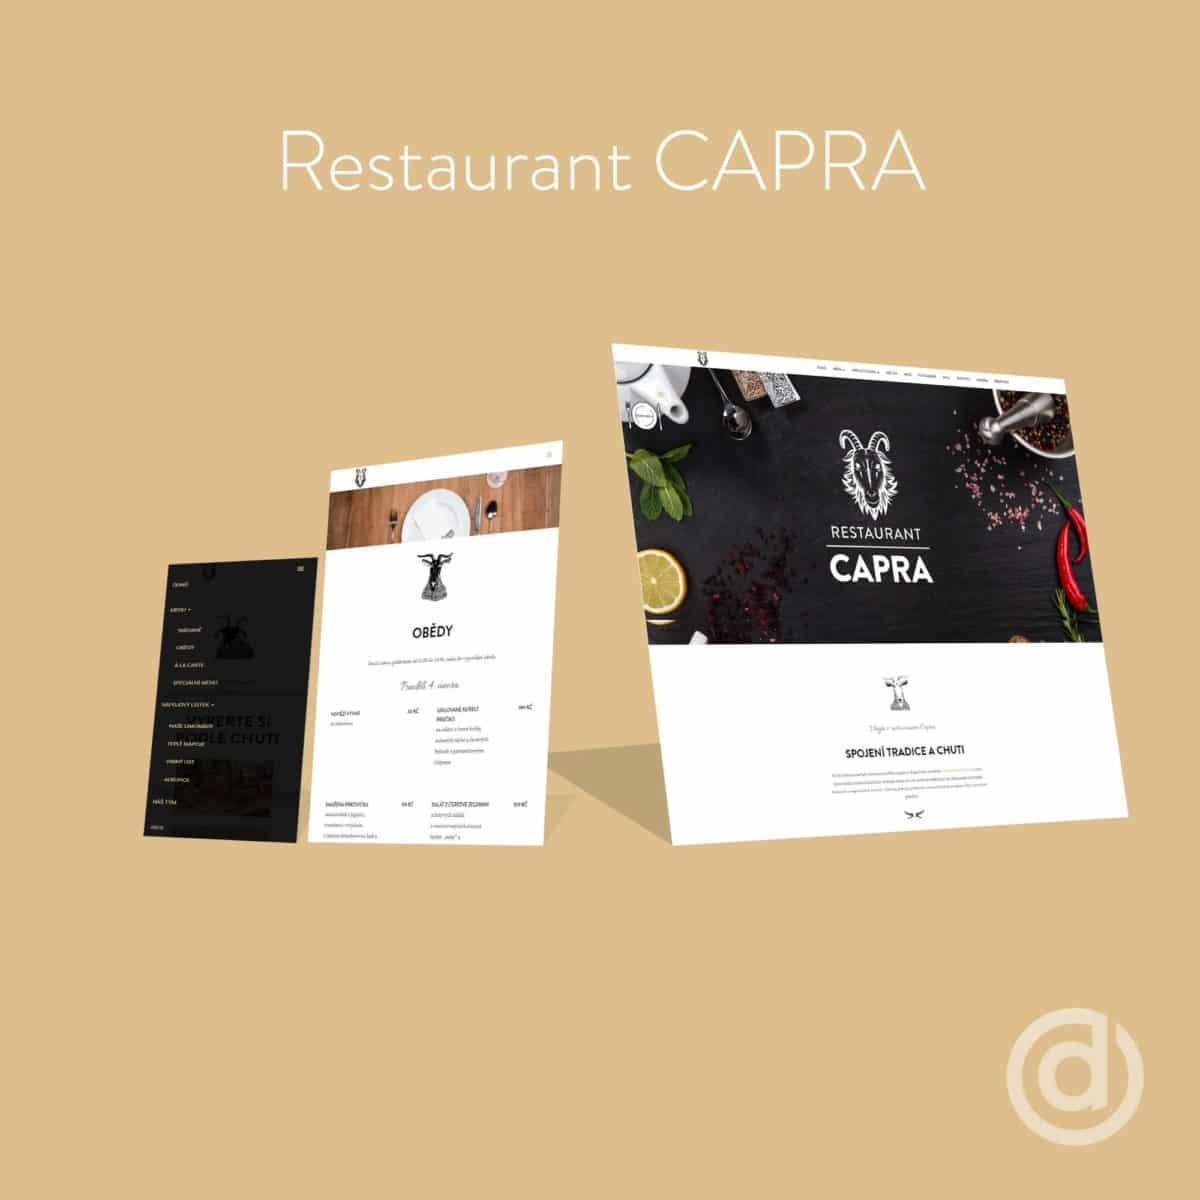 Tvorba webových stránek Restaurant CAPRA